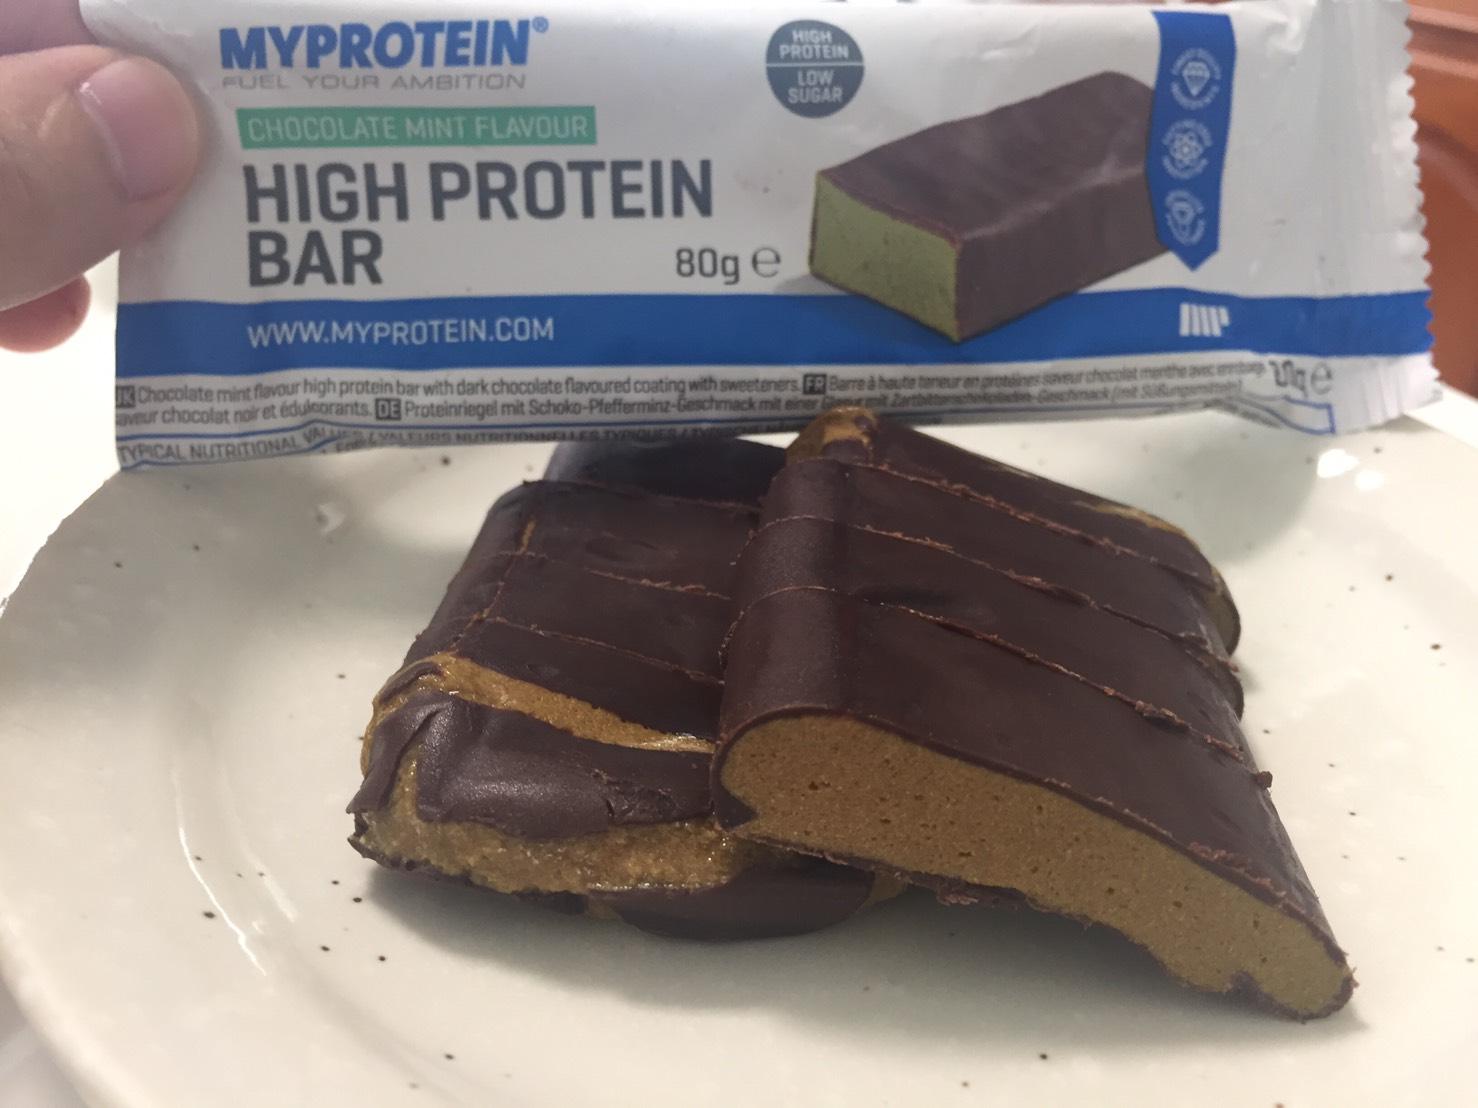 ハイプロテインバー(High Protein Bar)「CHOCOLATE MINT FLAVOUR(チョコミント味)」の断面の様子